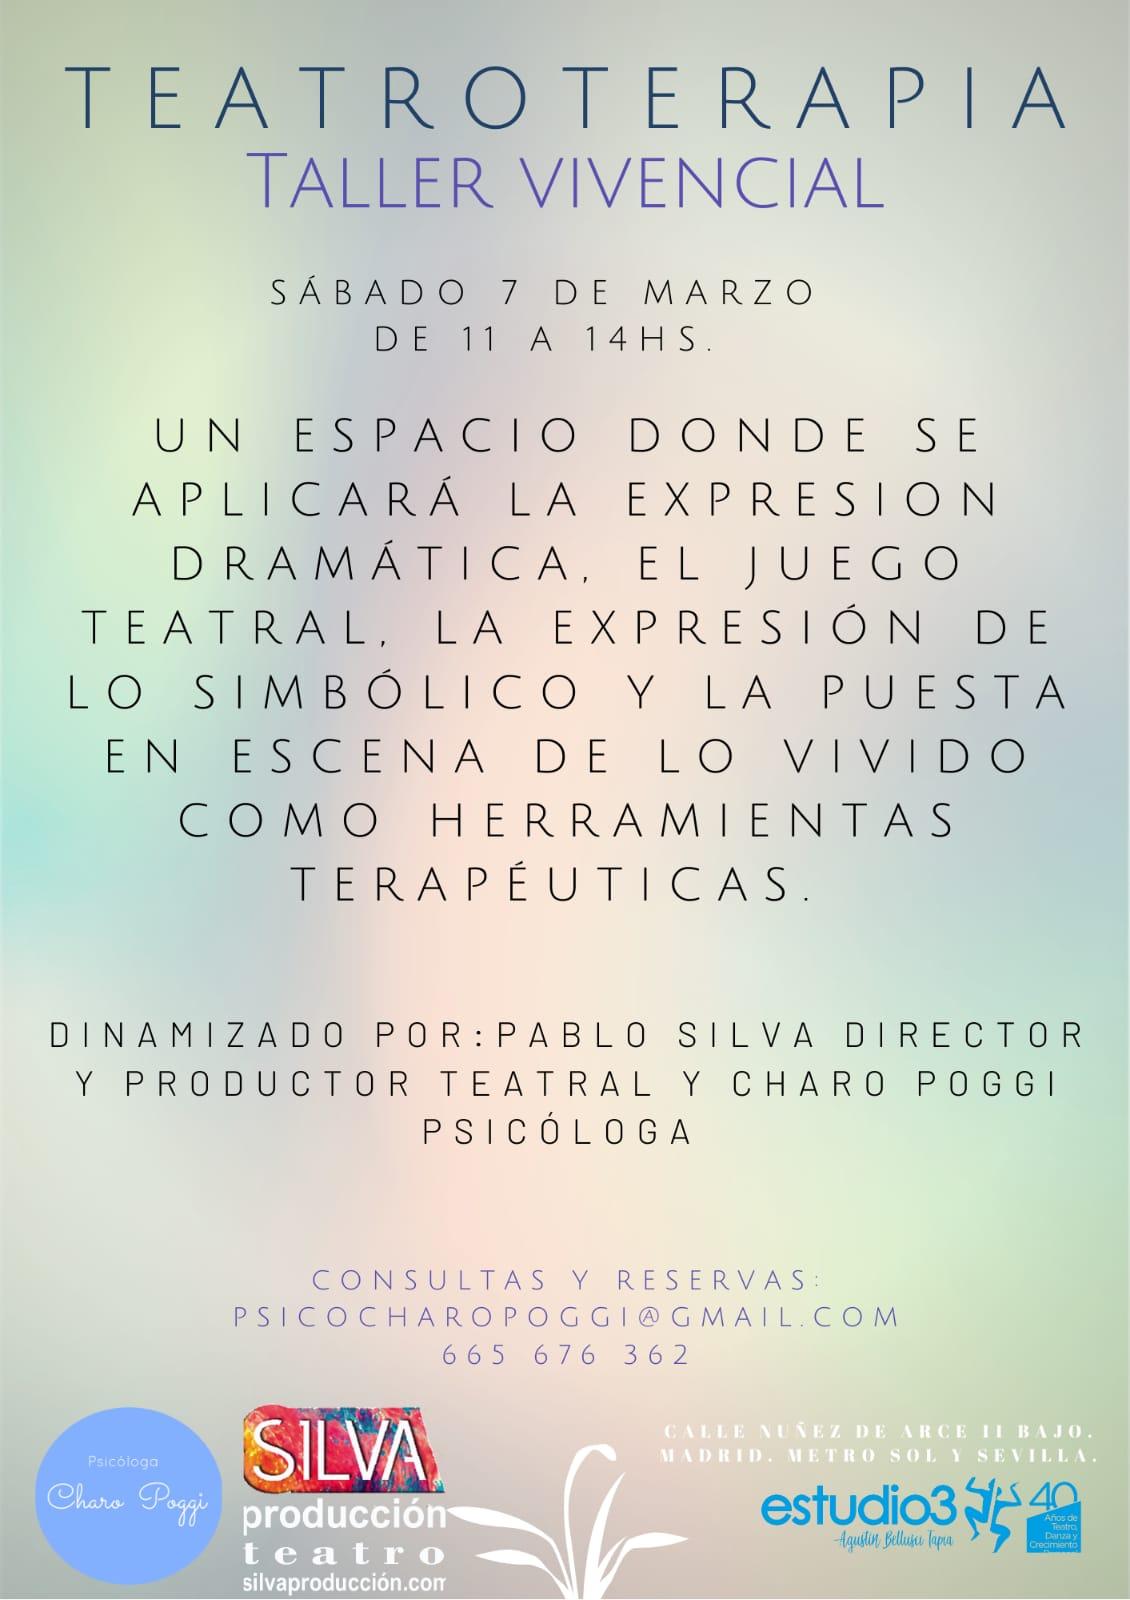 teatro terapia en madrid 7 de marzo de 2020